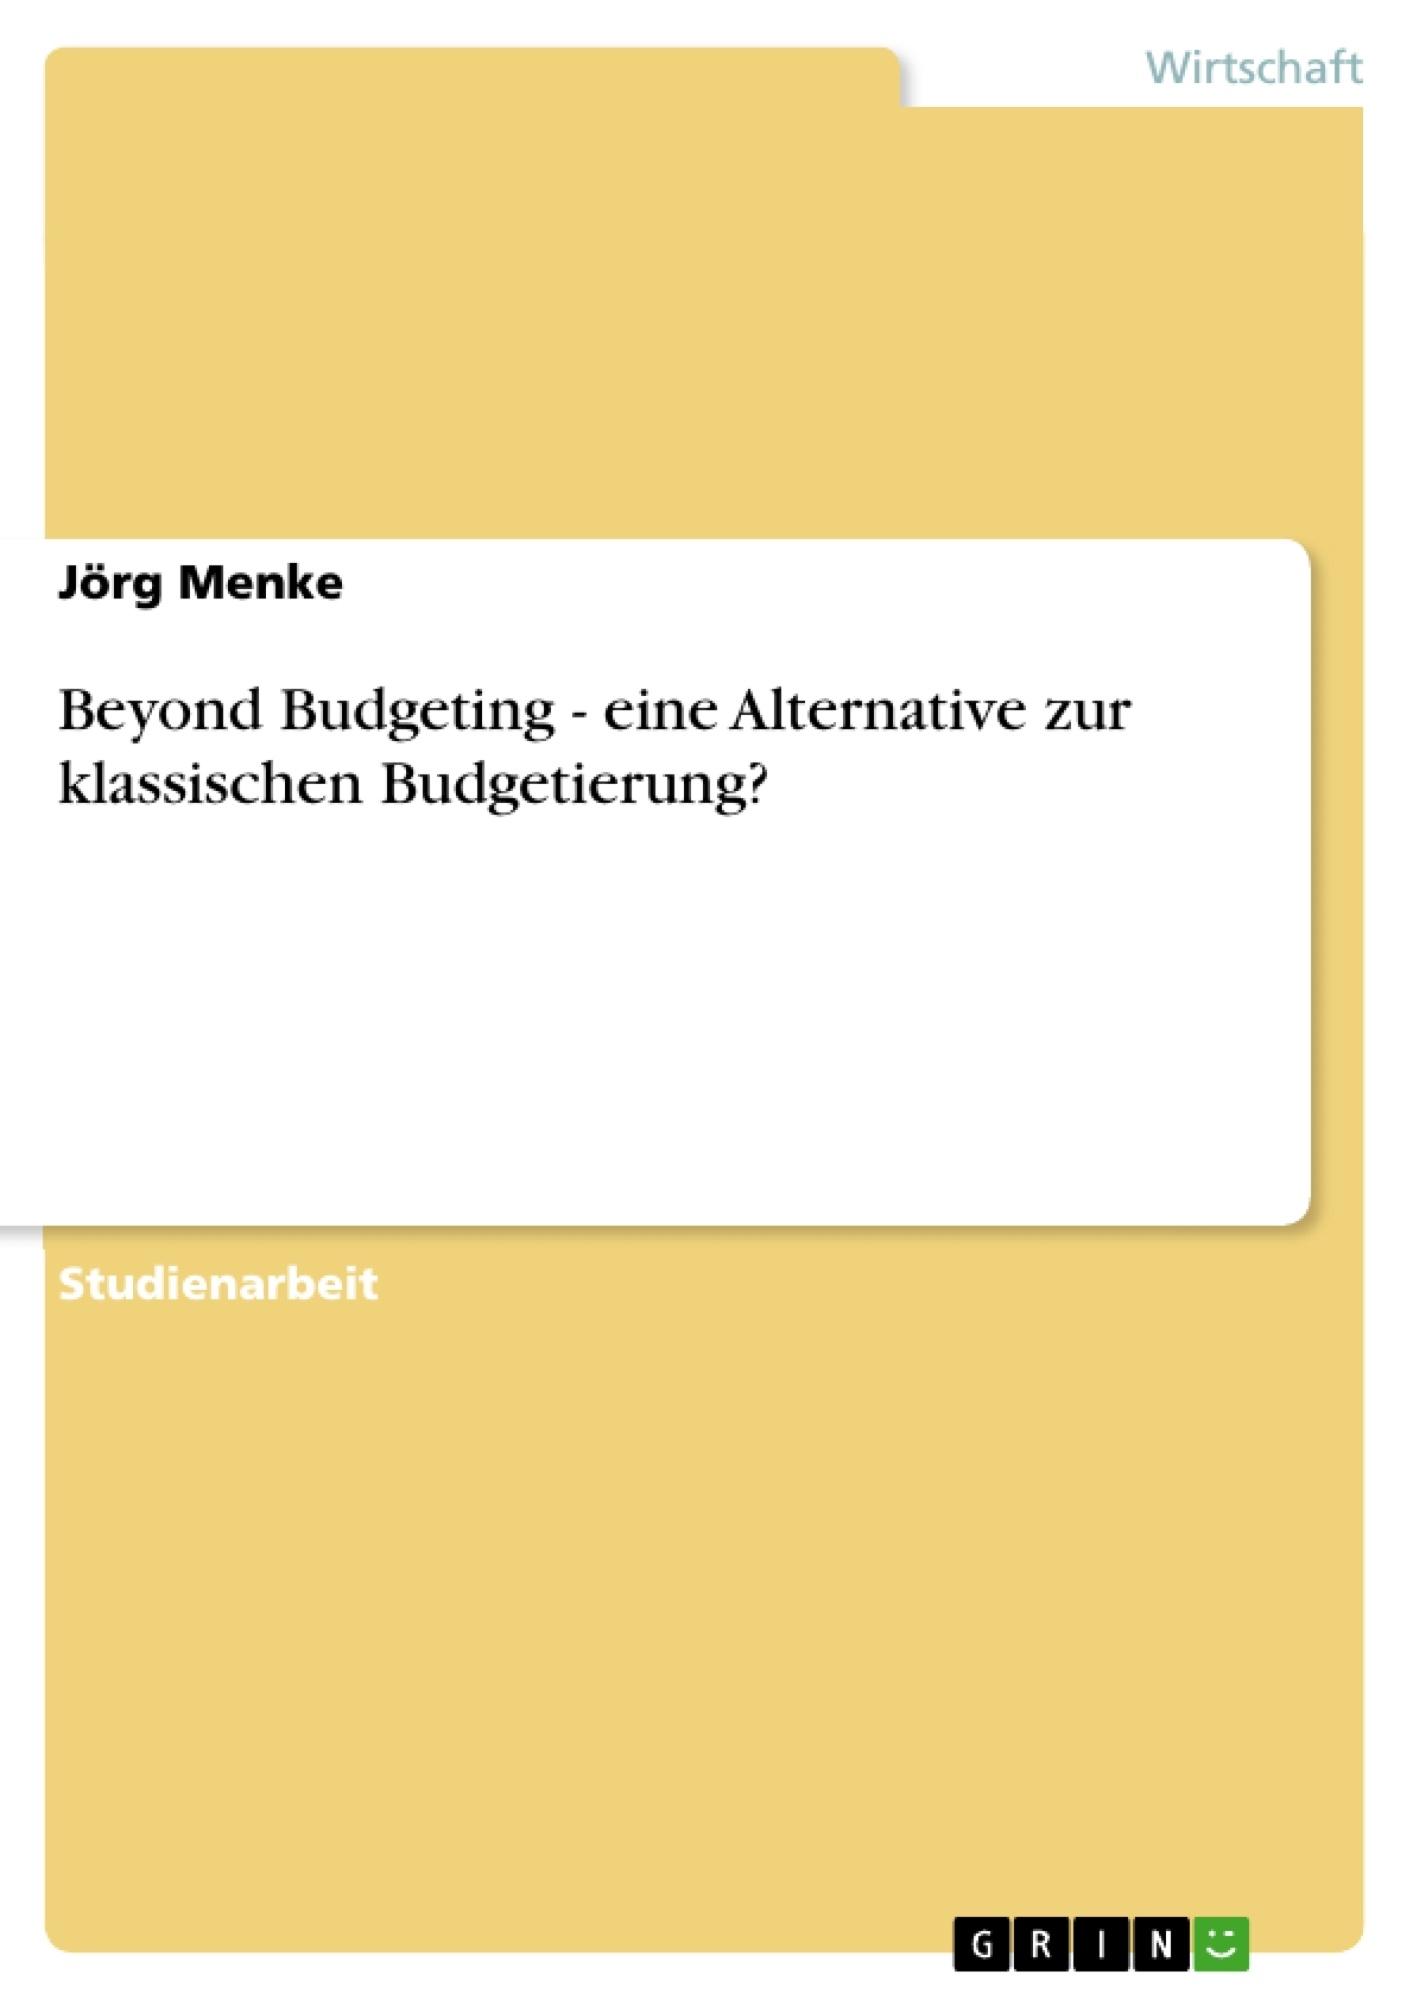 Titel: Beyond Budgeting - eine Alternative zur klassischen Budgetierung?